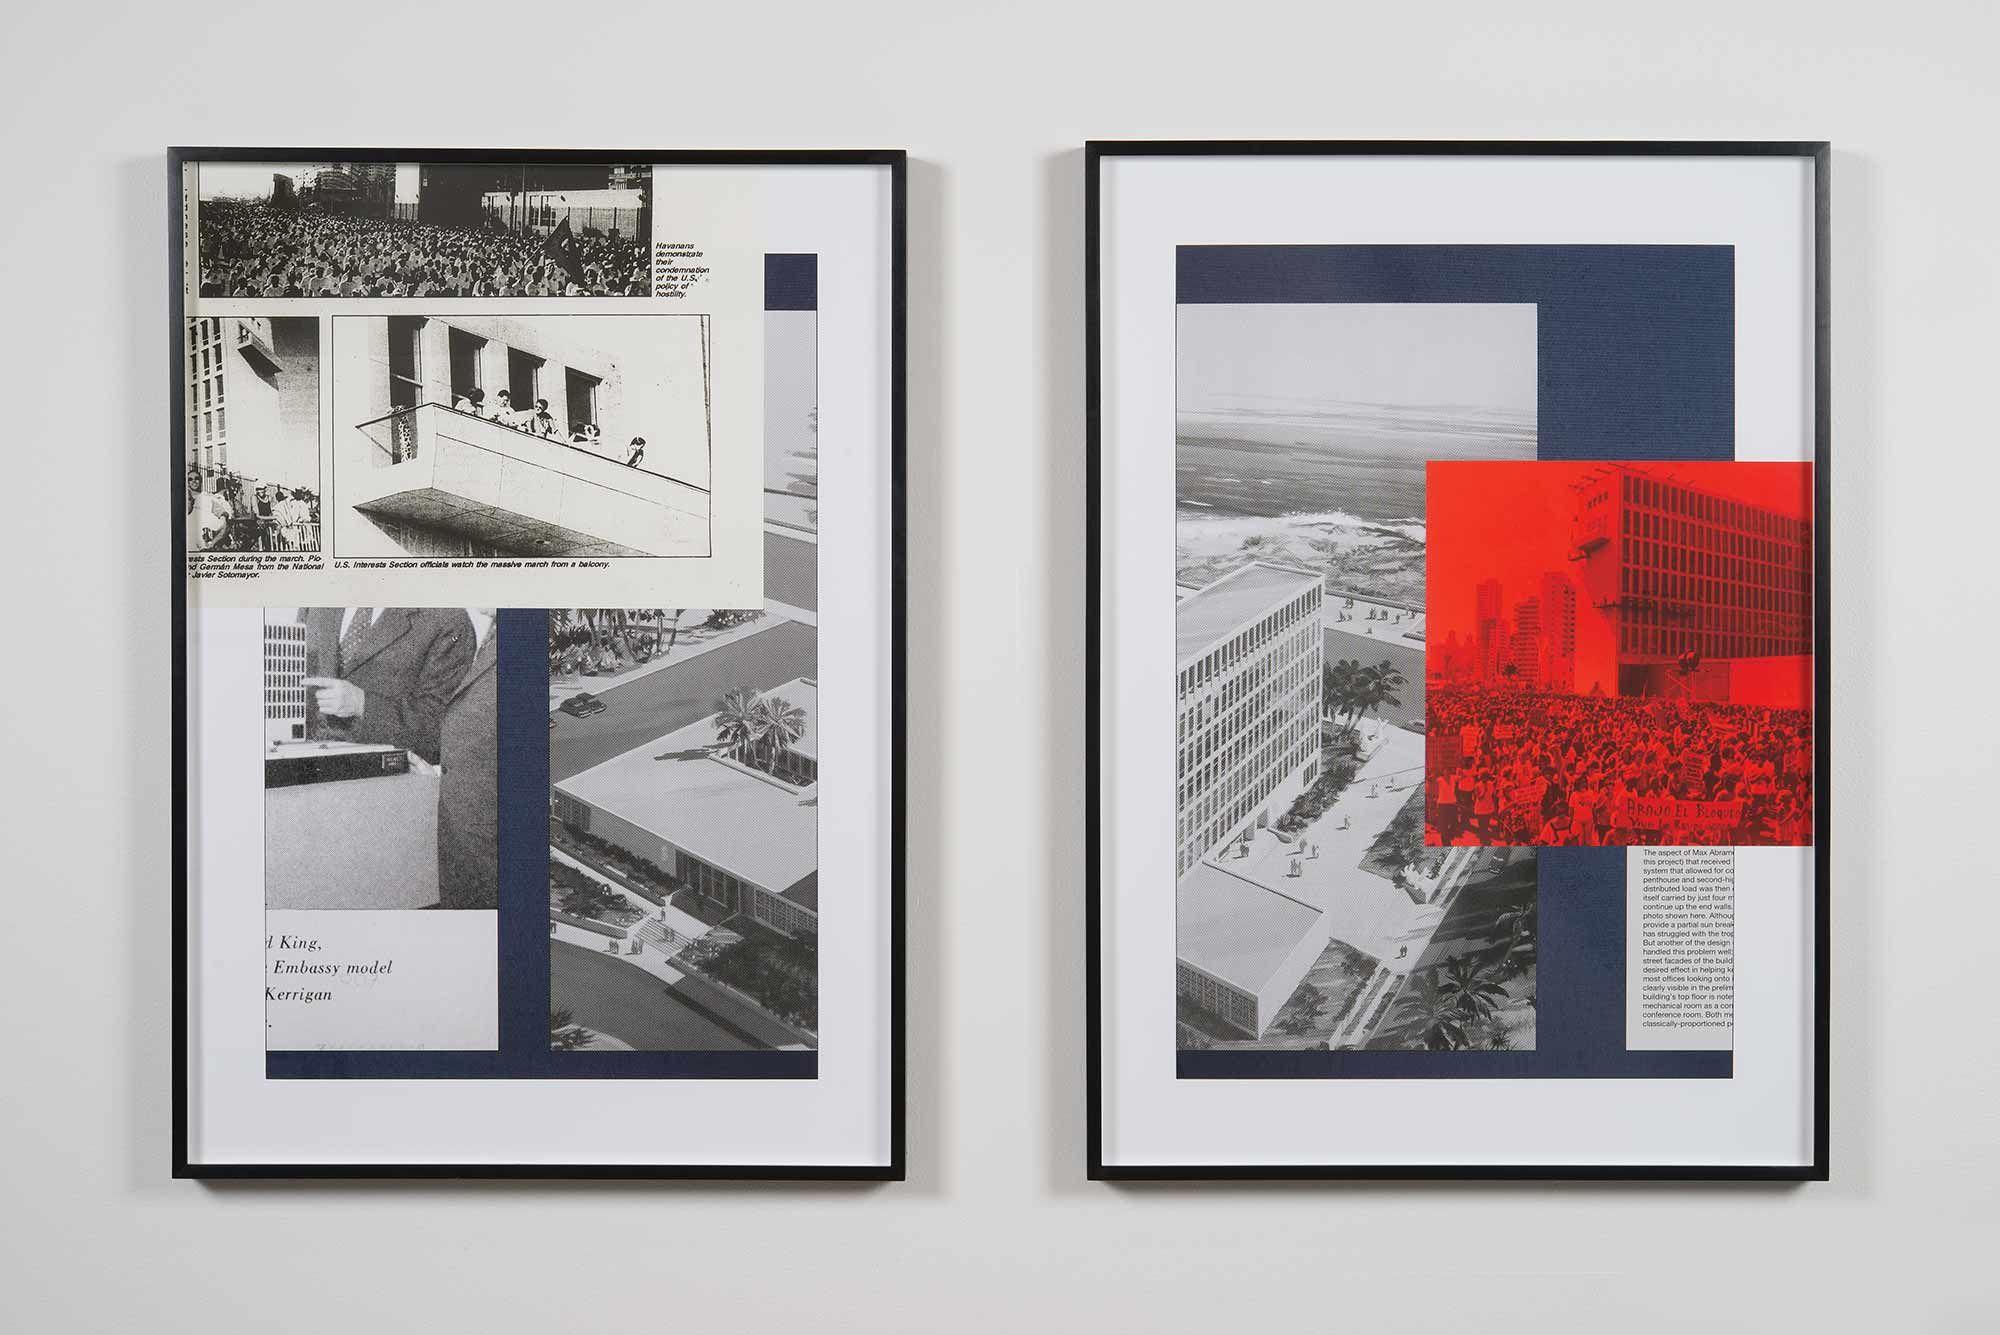 Political Services 4 | Impresión de pigmentos y collage | 86.36 x 60.96 cm | 2016